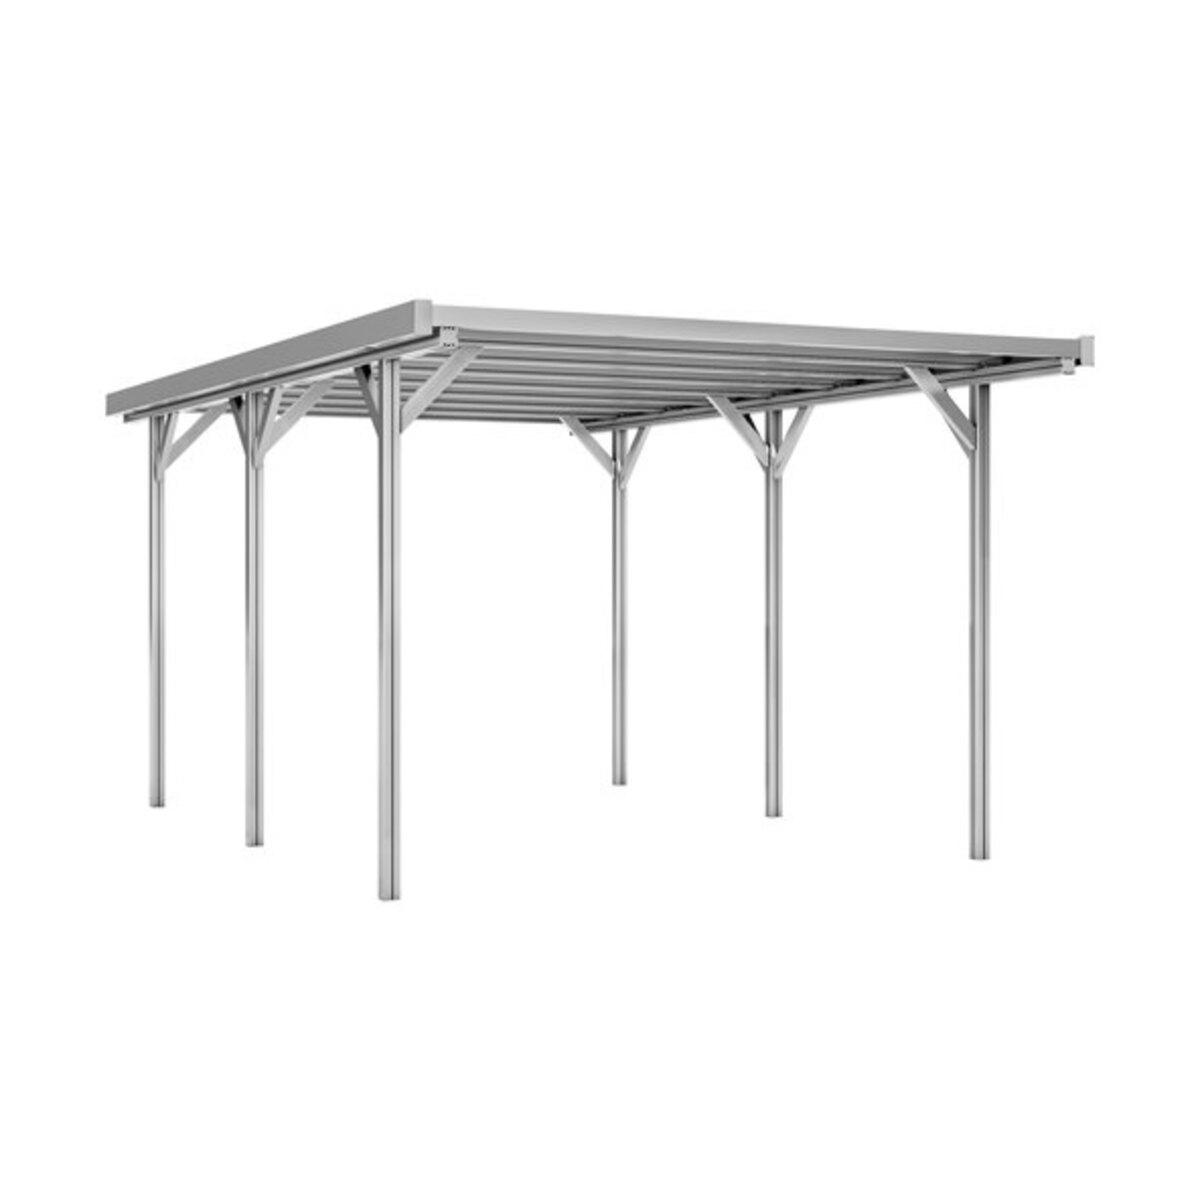 Bild 2 von Aluminium Carport, 504 x 305 x 230 cm, natur